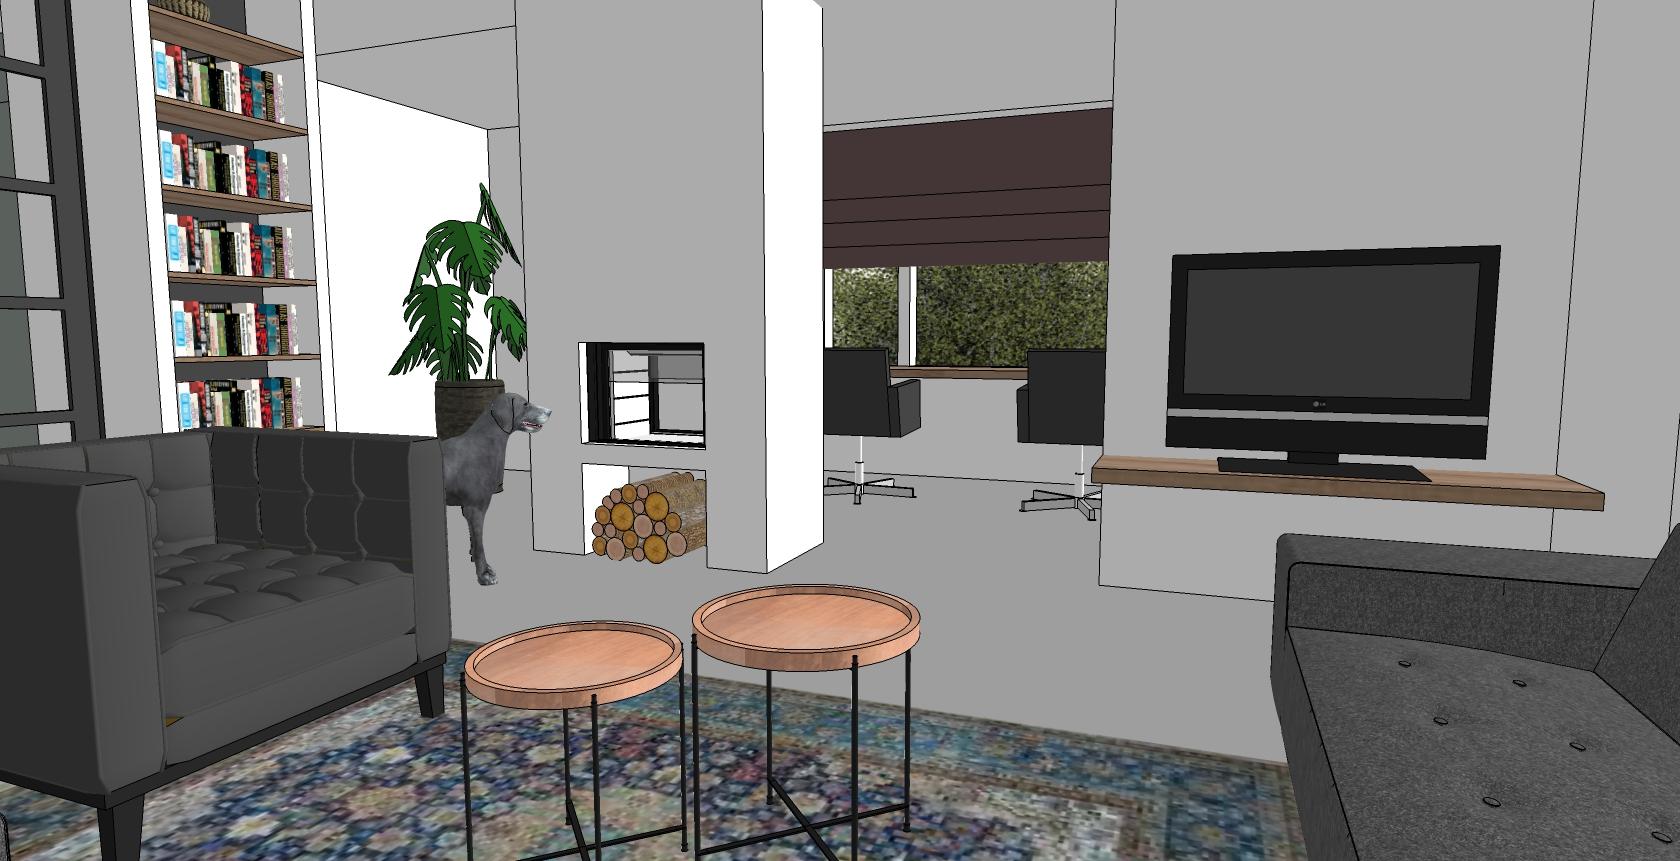 offiz-hoomz-interieuradvies-ontwerp-zeist-interieurvoorstel-uitbouw-woonkamer-9